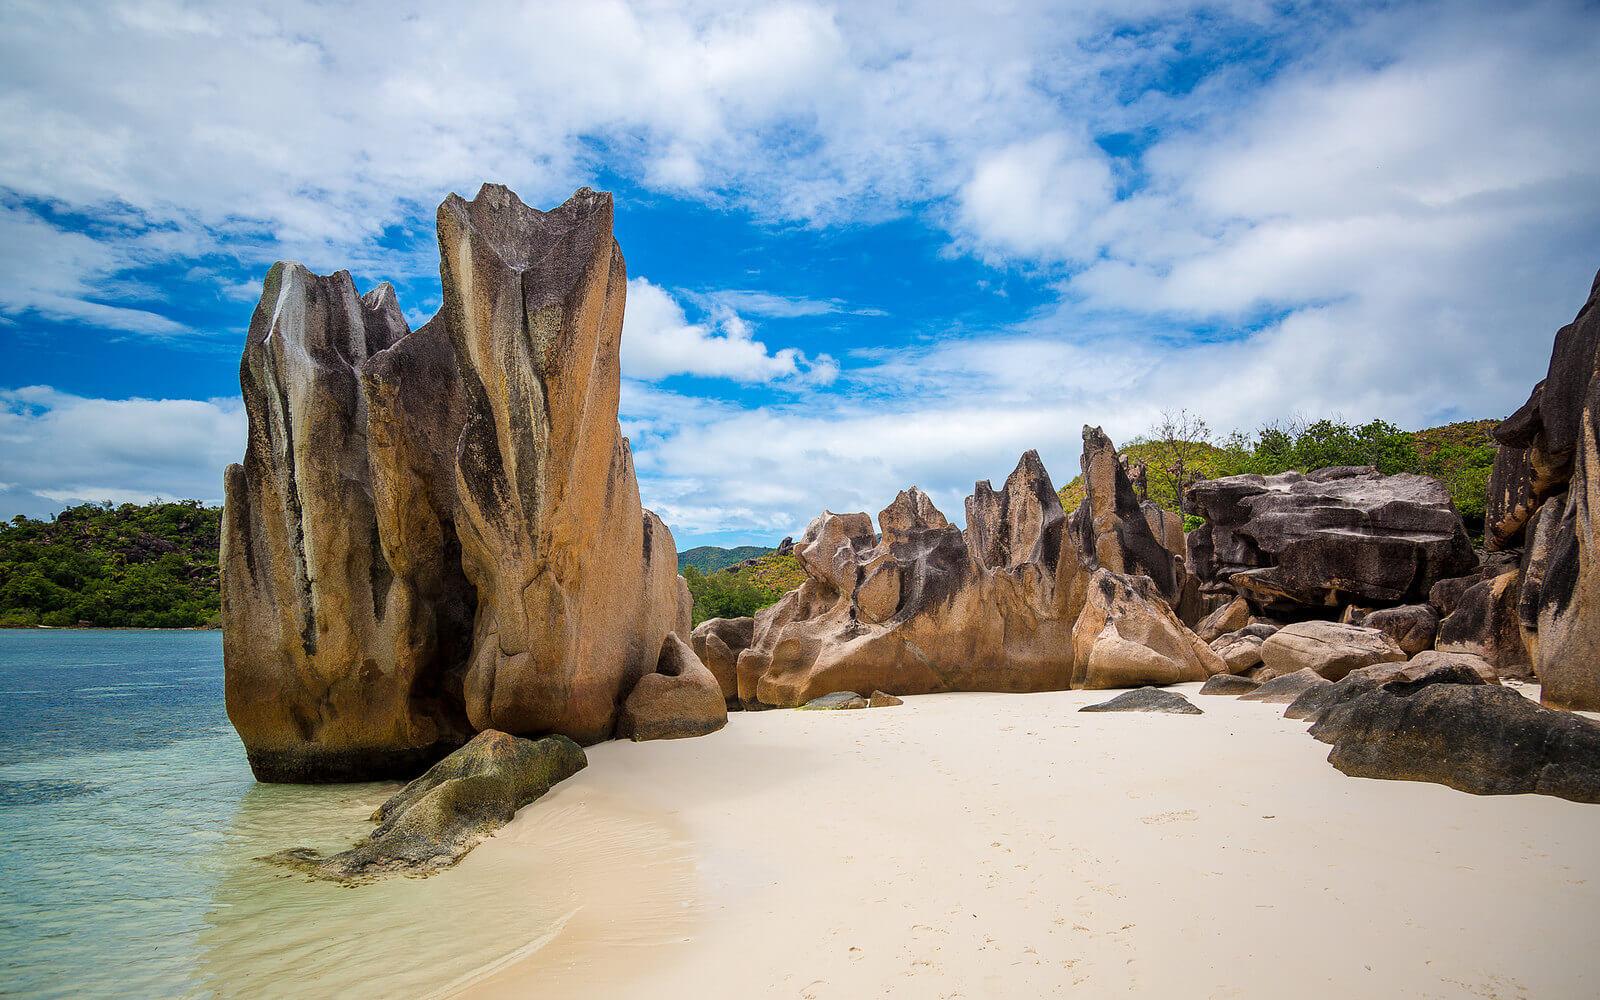 Wunderschöner Strand auf den Seychellen